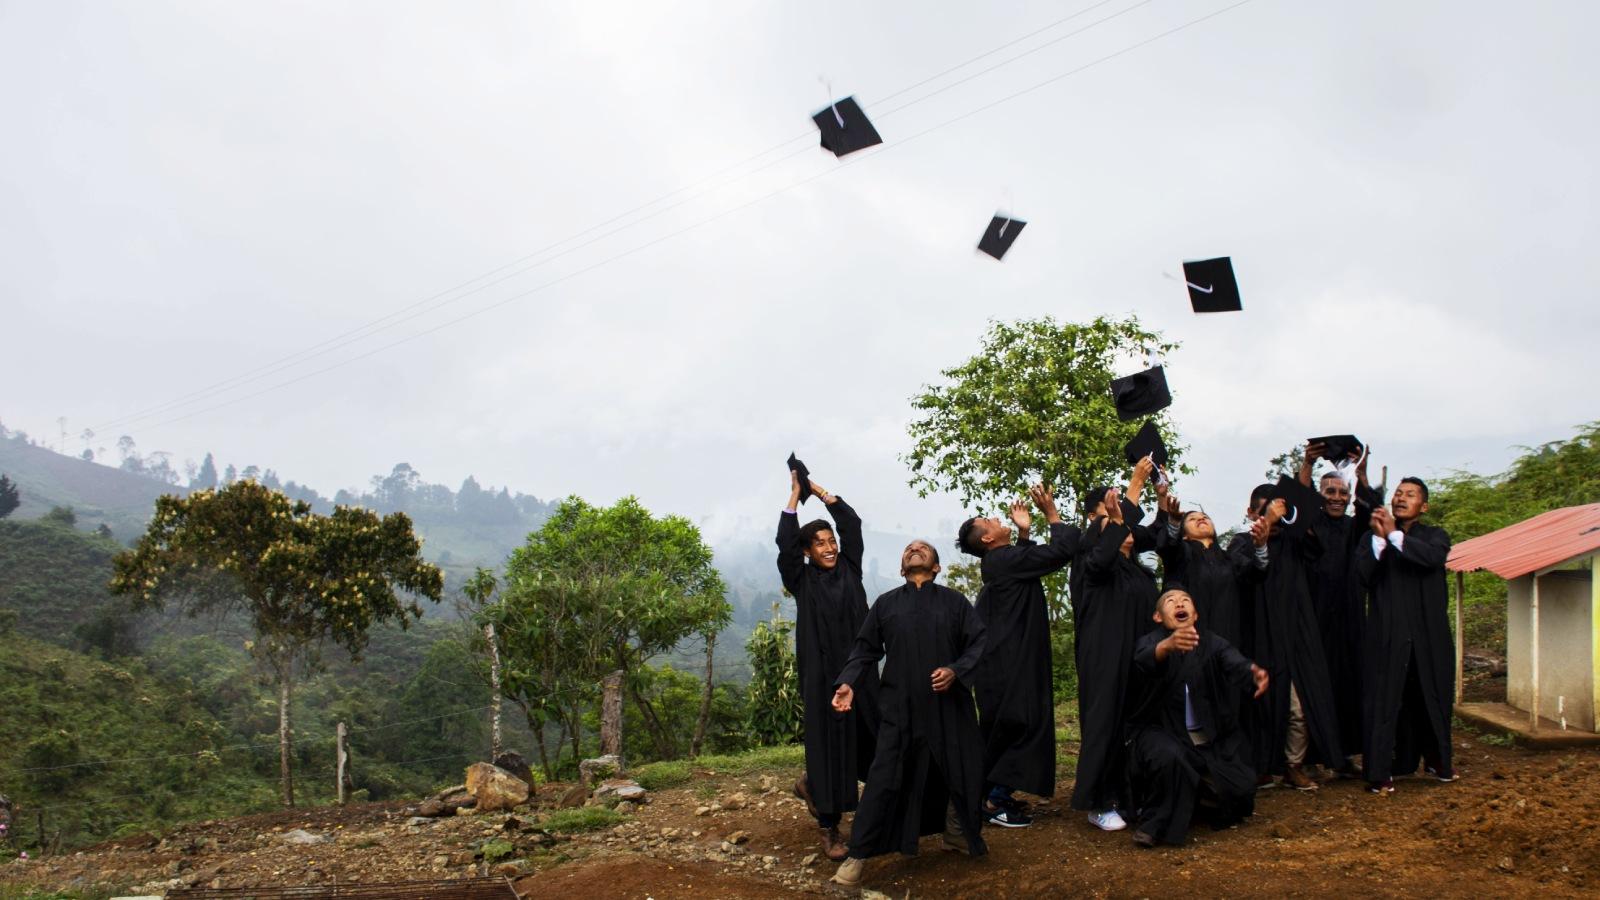 Excombatientes de las Farc, graduados, pero entre sueños y dudas